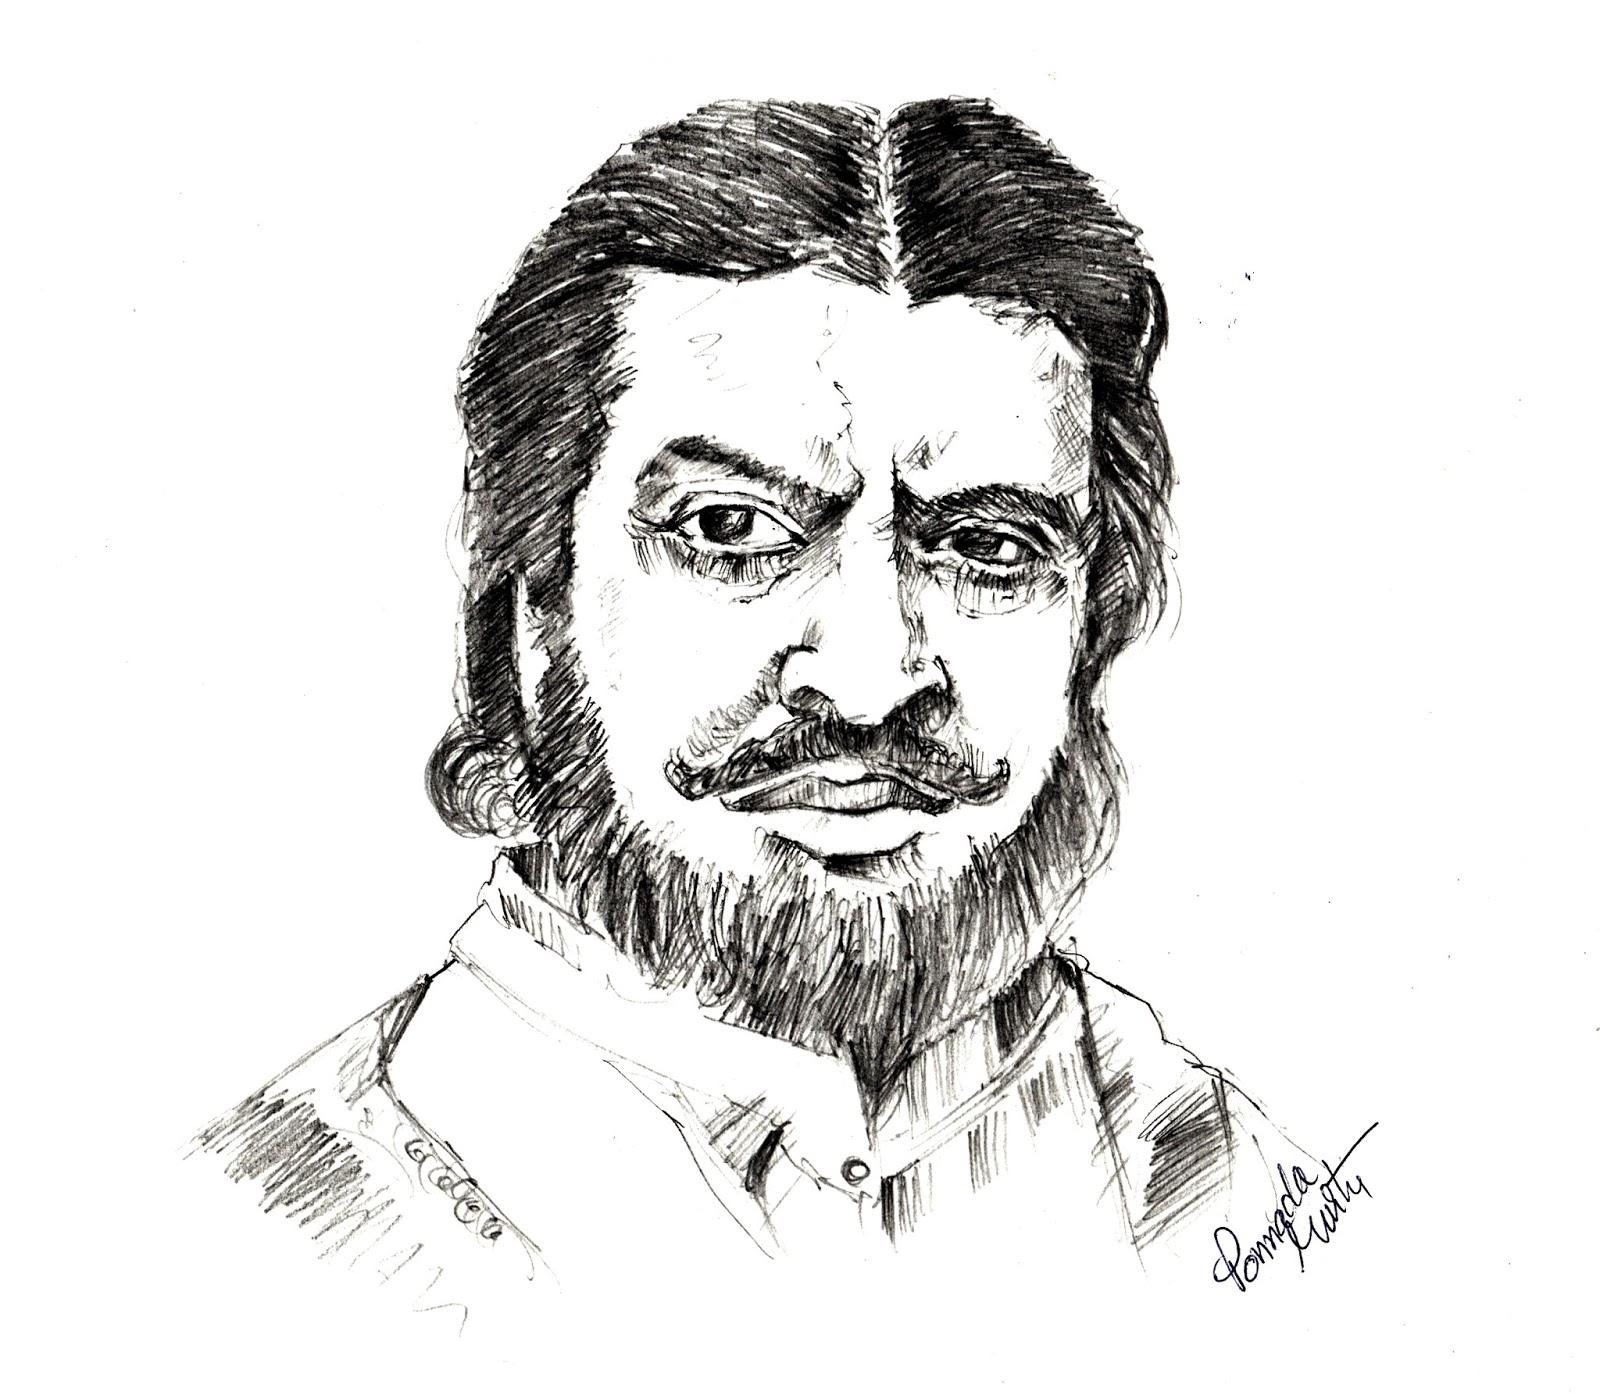 Pran the legendary actor pencil sketch